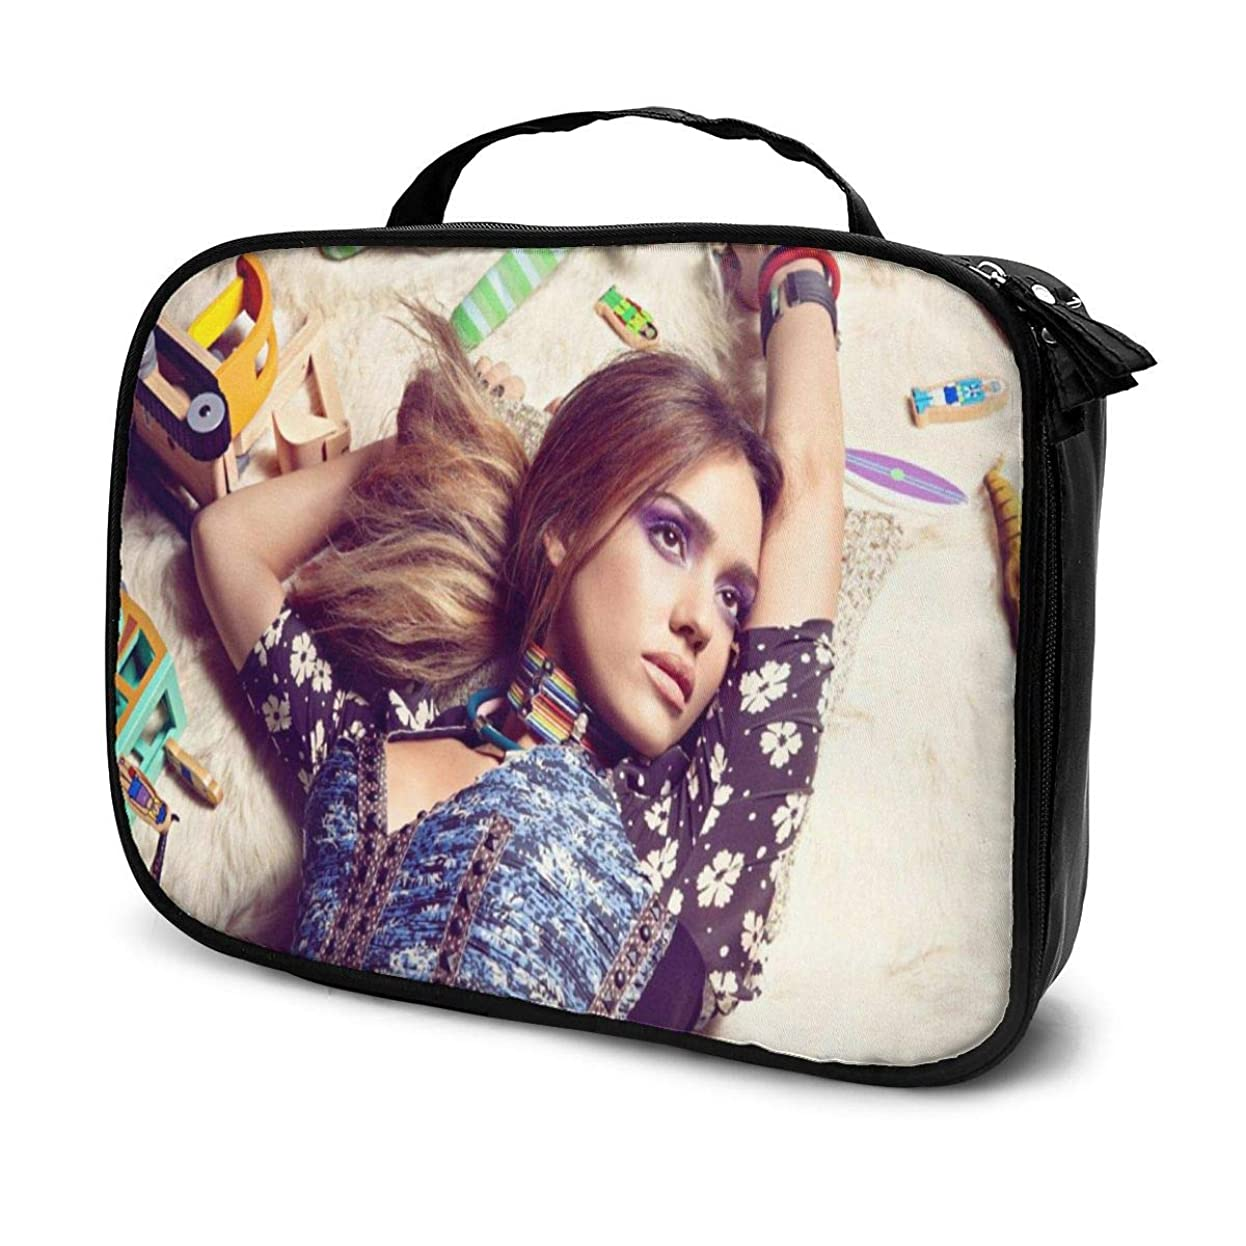 のり運搬マリナー化粧ポーチ Jessica Alba 女性化粧品バッグ ビューティー メイク道具 フェイスケアツール 化粧ポーチメイクボックス ホーム、旅行、ショッピング、ショッピング